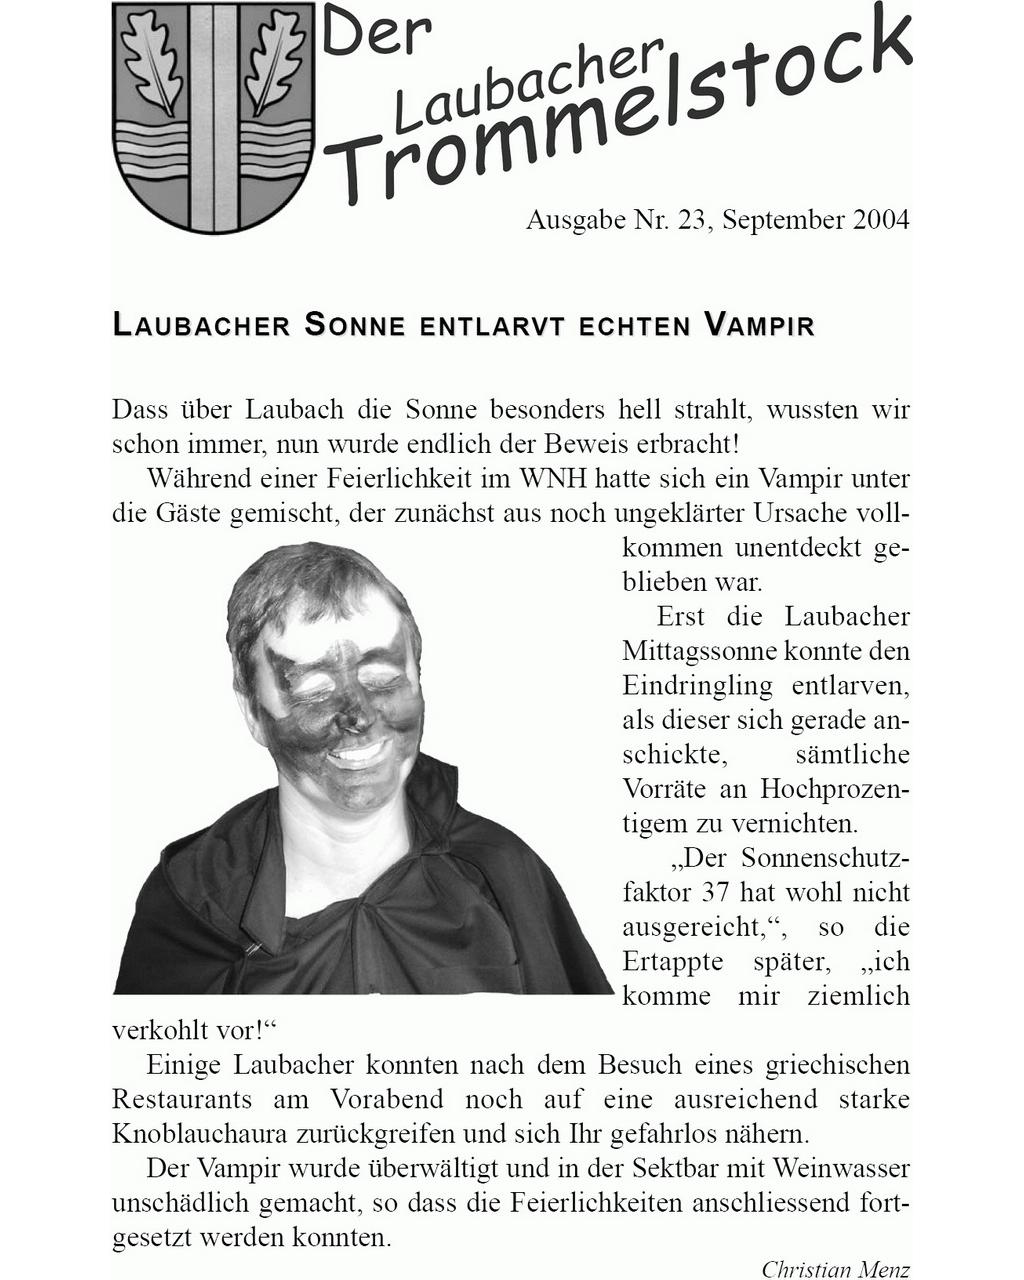 Laubacher-Trommelstock-Titelseite-023